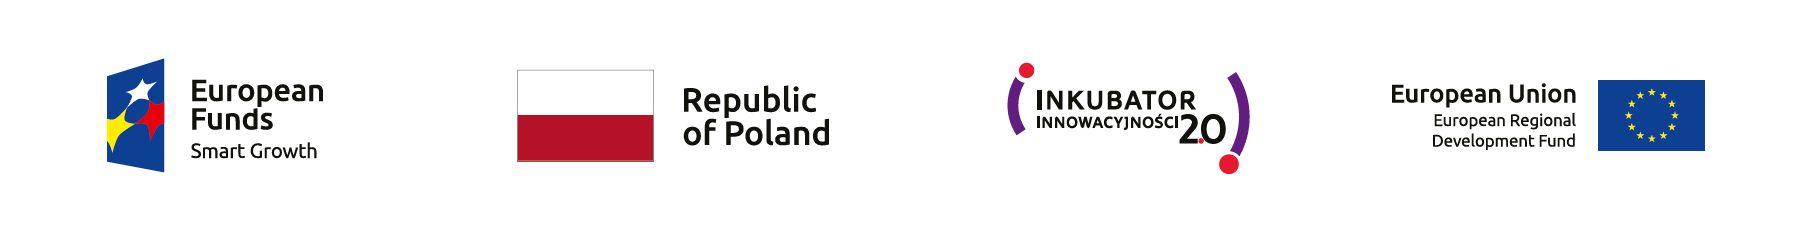 Logos od European Funds, Republic of Poland, Inkubator Innowacyjności 2.0, European Union